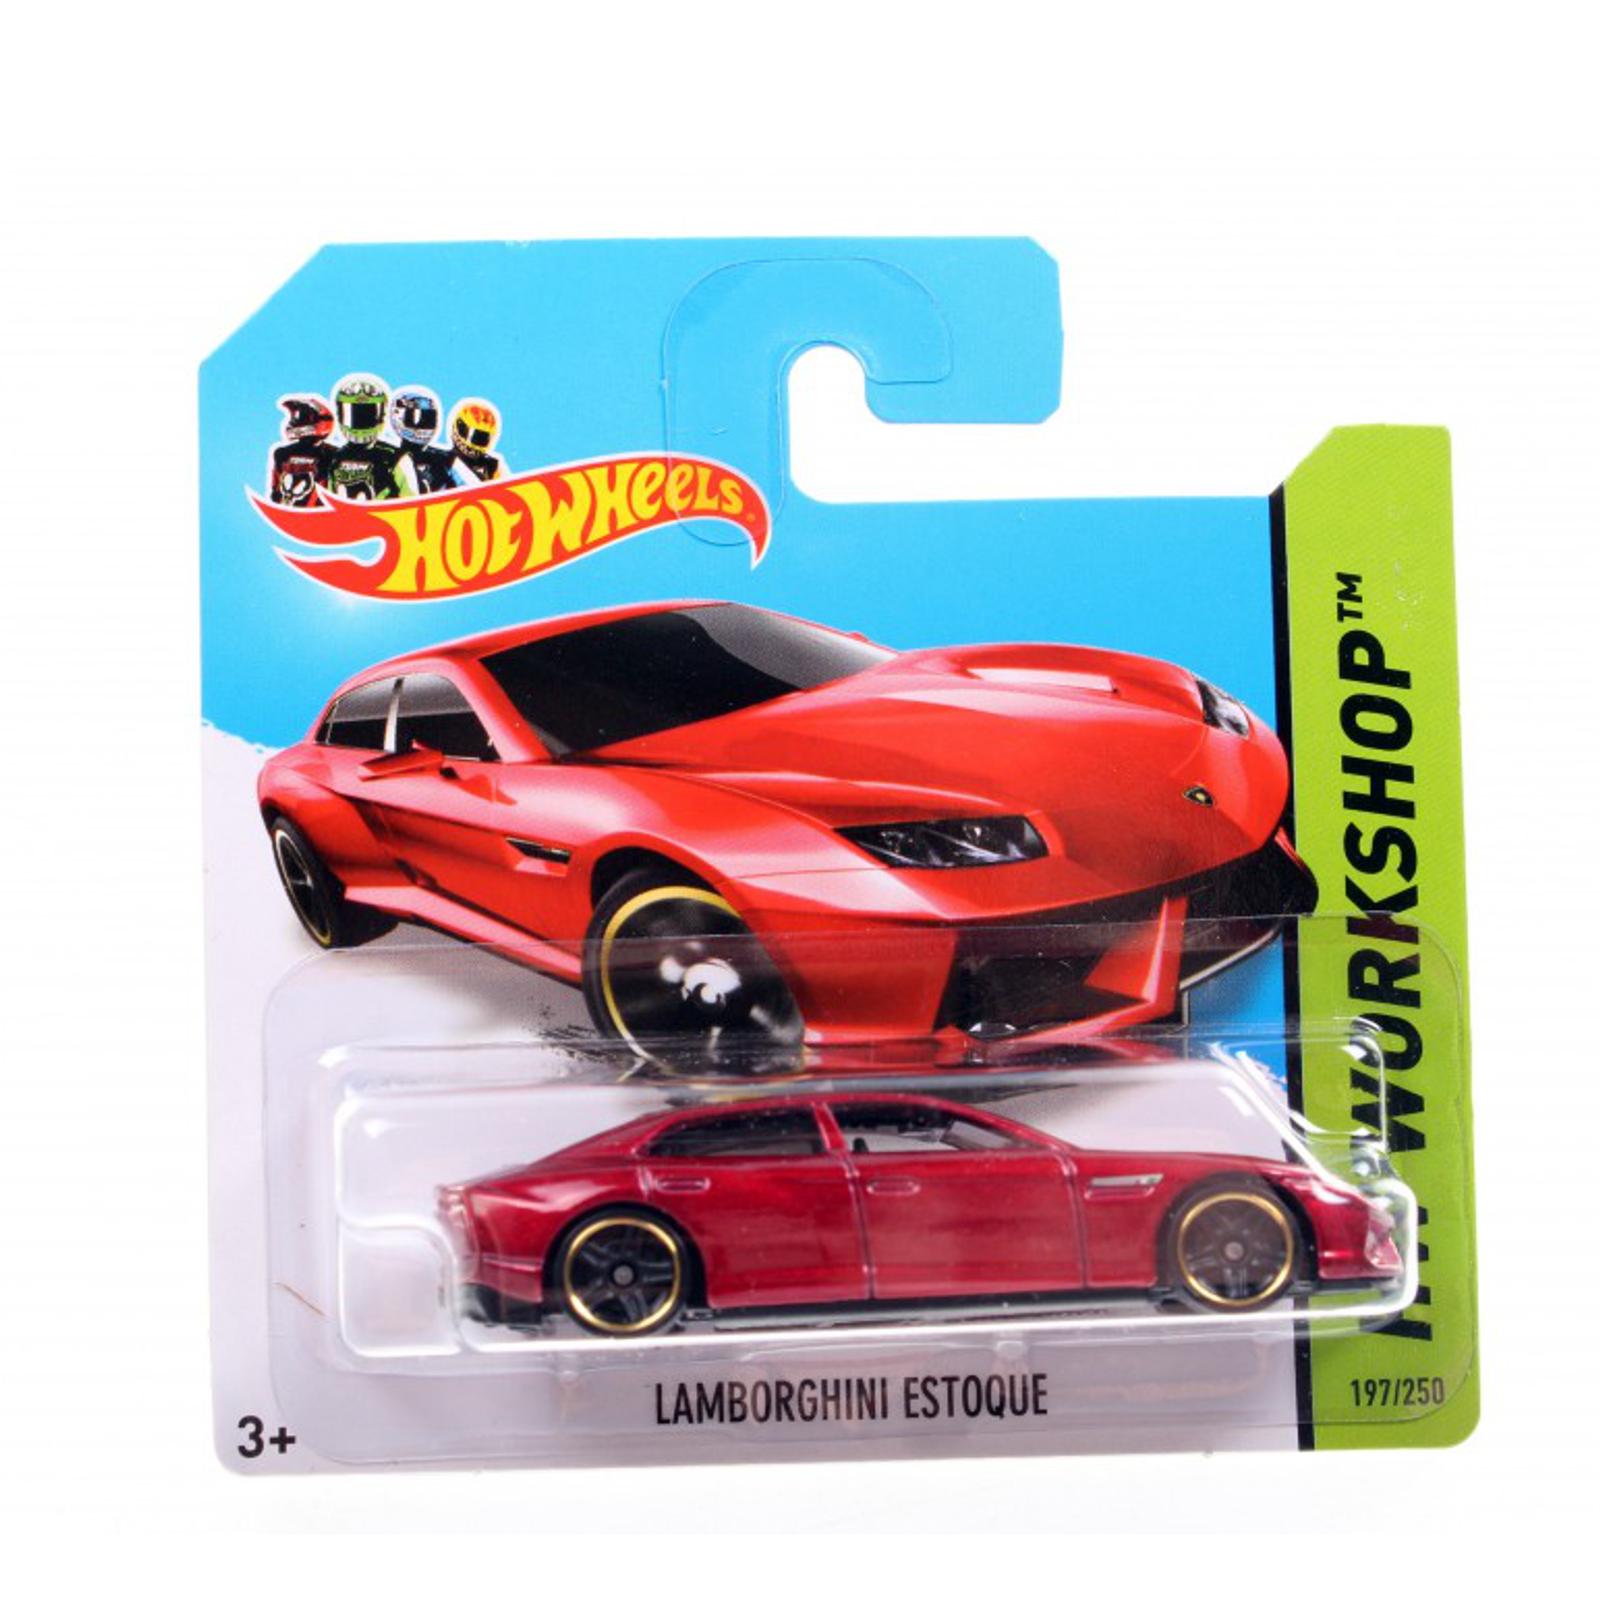 ����������� Hot Wheels ��� ������ Lamborghini Estoque